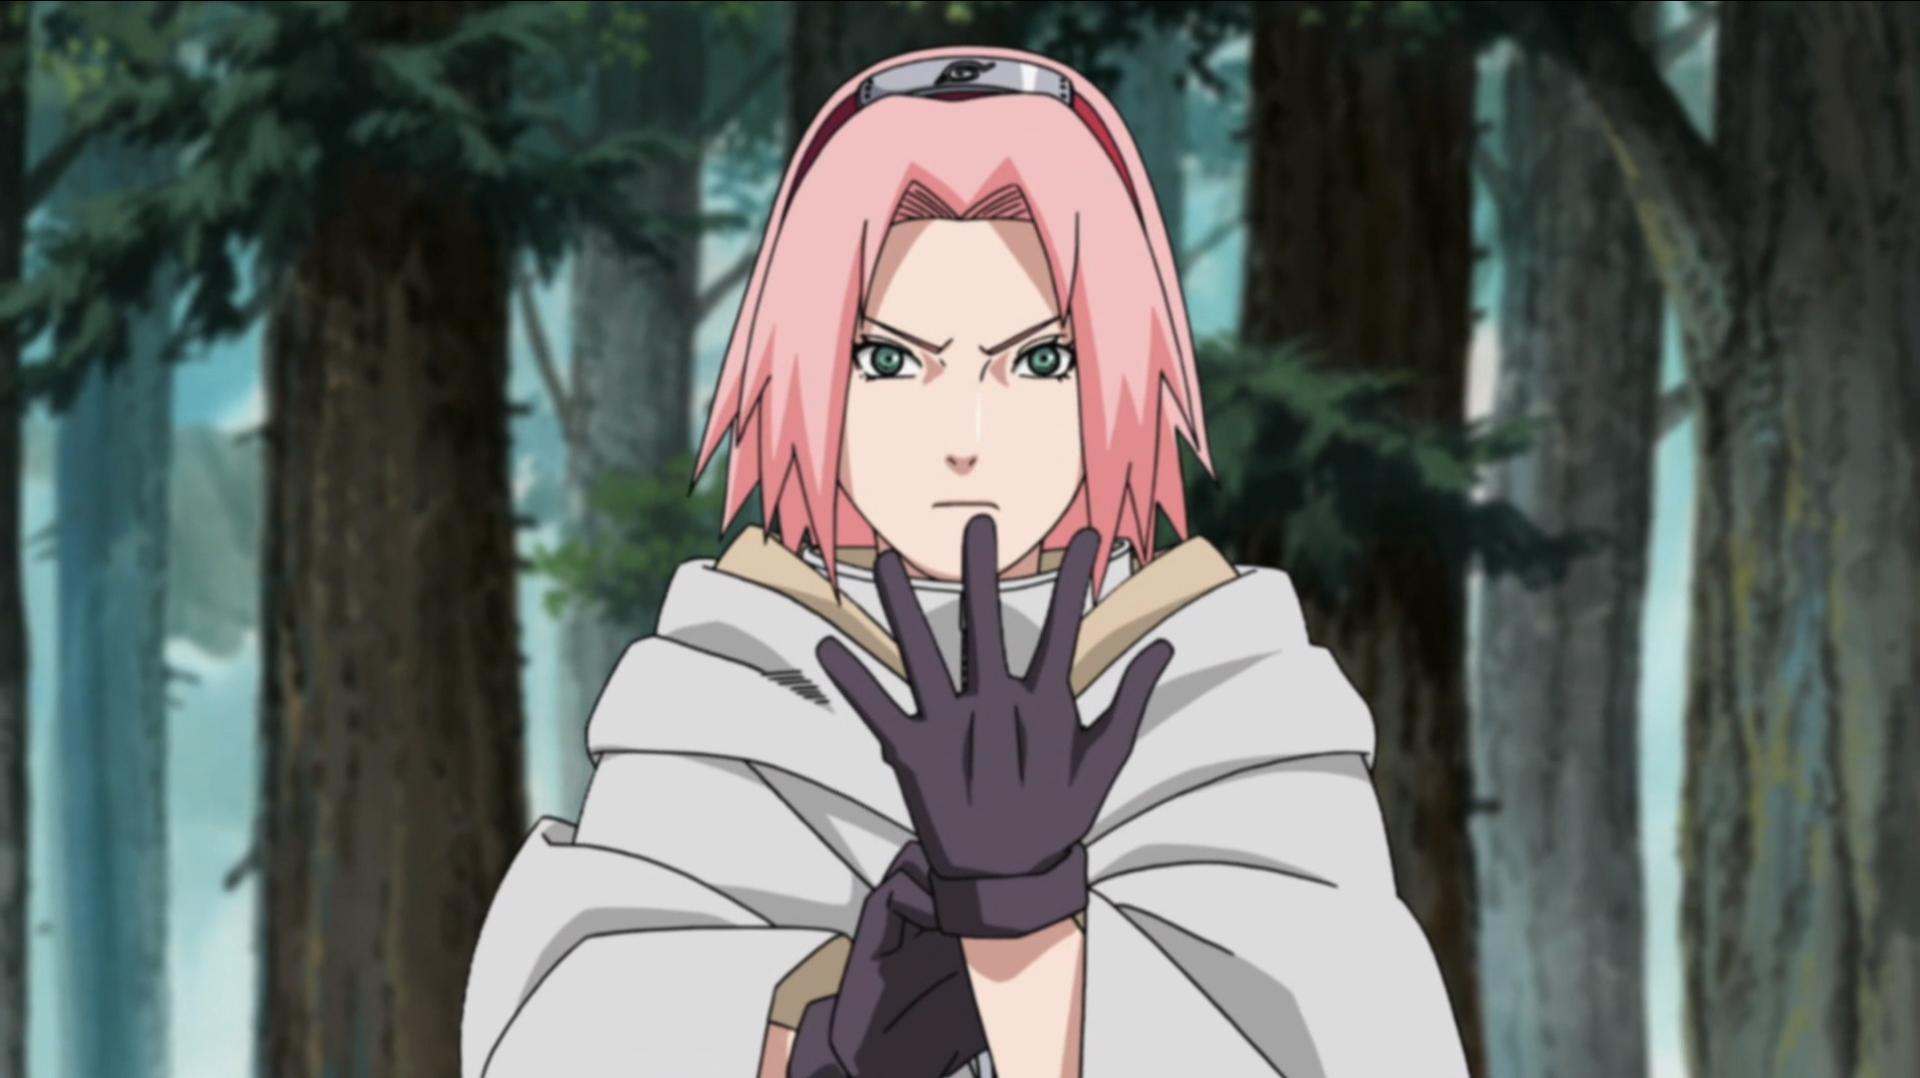 Image  Sakura39;s Resolve.png  Narutopedia, the Naruto Encyclopedia